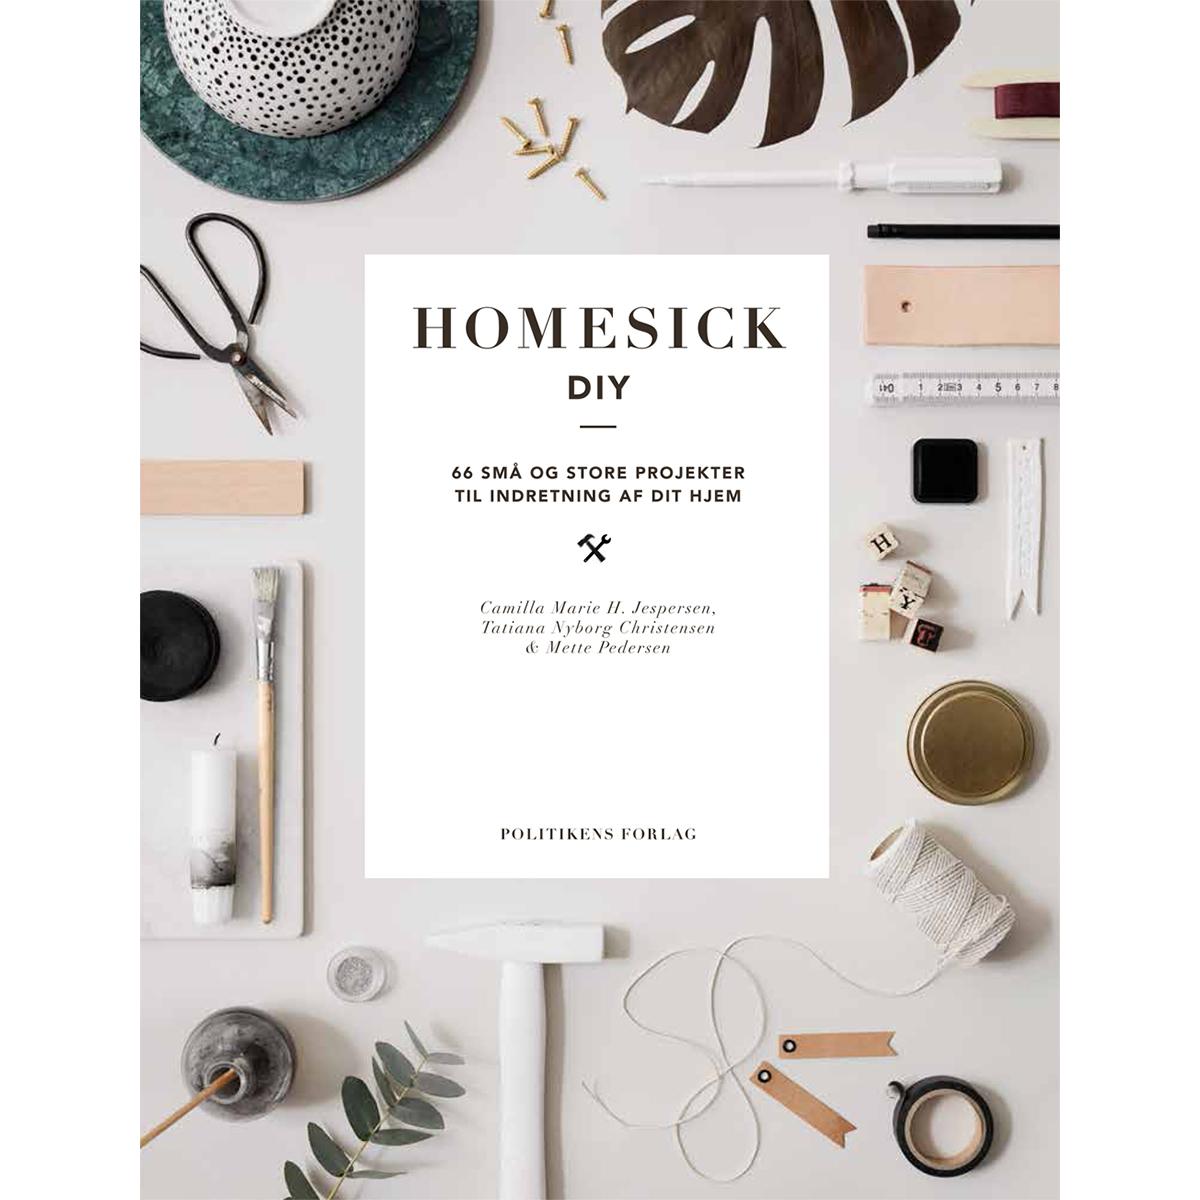 Billede af Homesick DIY - 66 små og store projekter - Indbundet